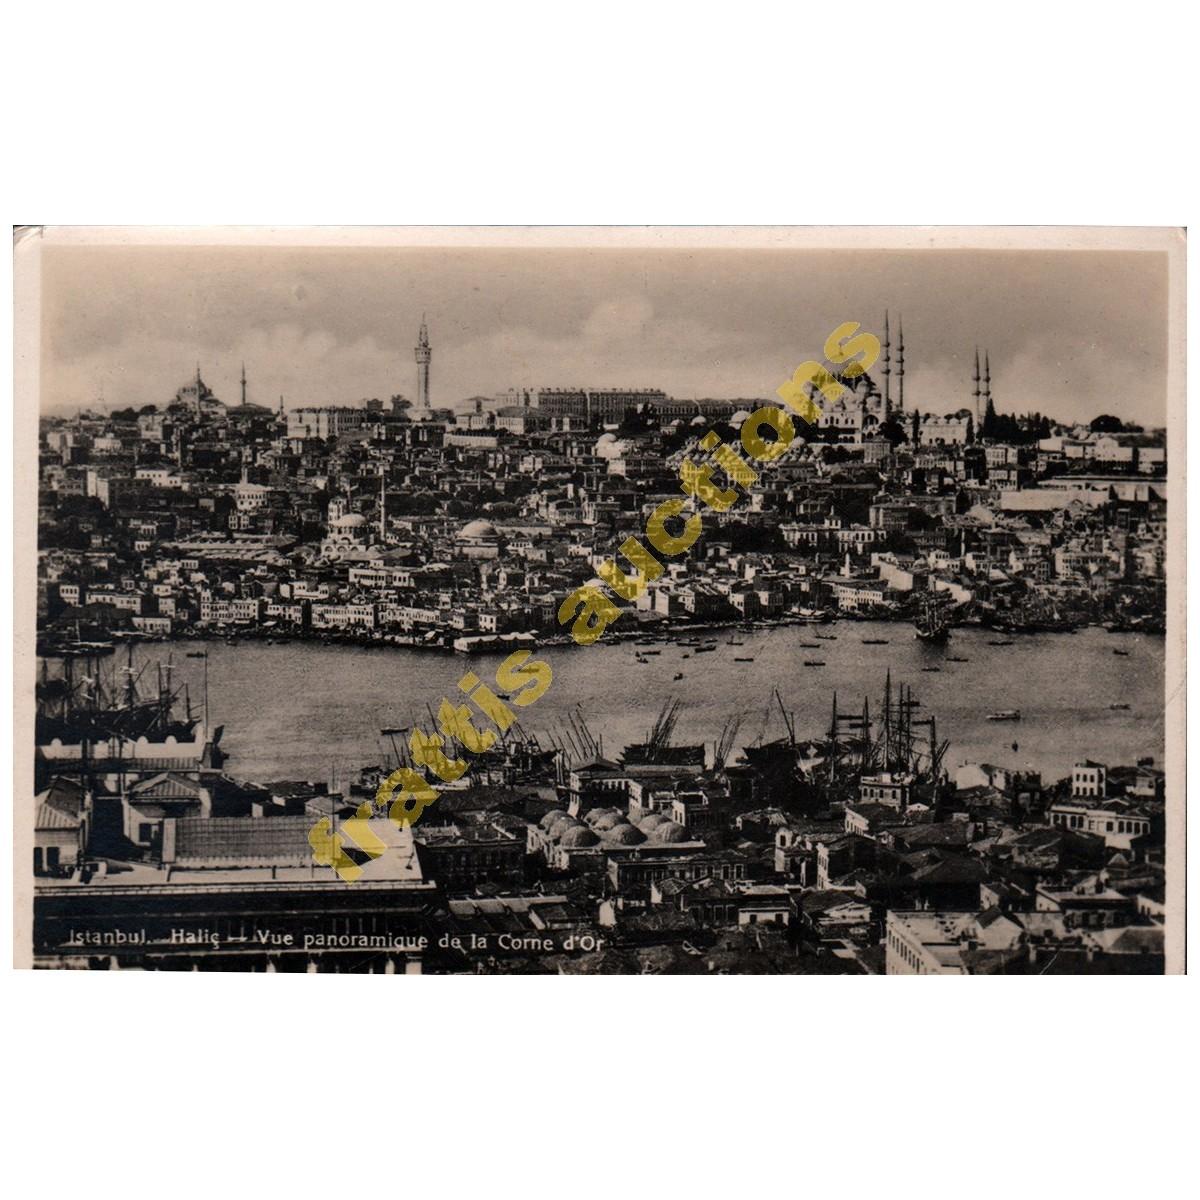 Κεράτιος κόλπος,Κωσταντινούπολη, carte postale.